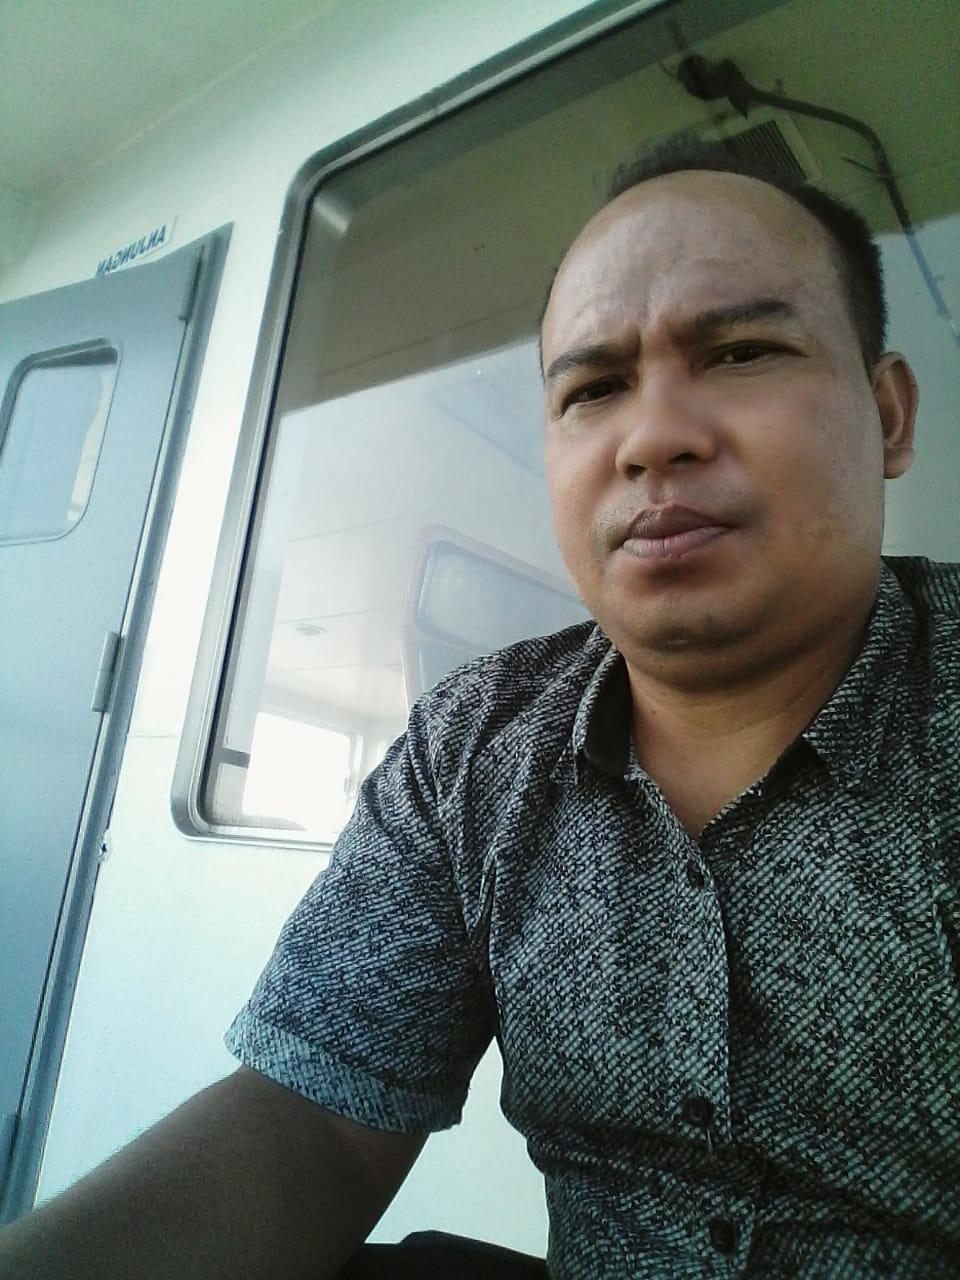 Lippan KSB, Ingatkan PT AMNT Lihat Sisi Kemanusiaan Soal Karyawan Unggah Video